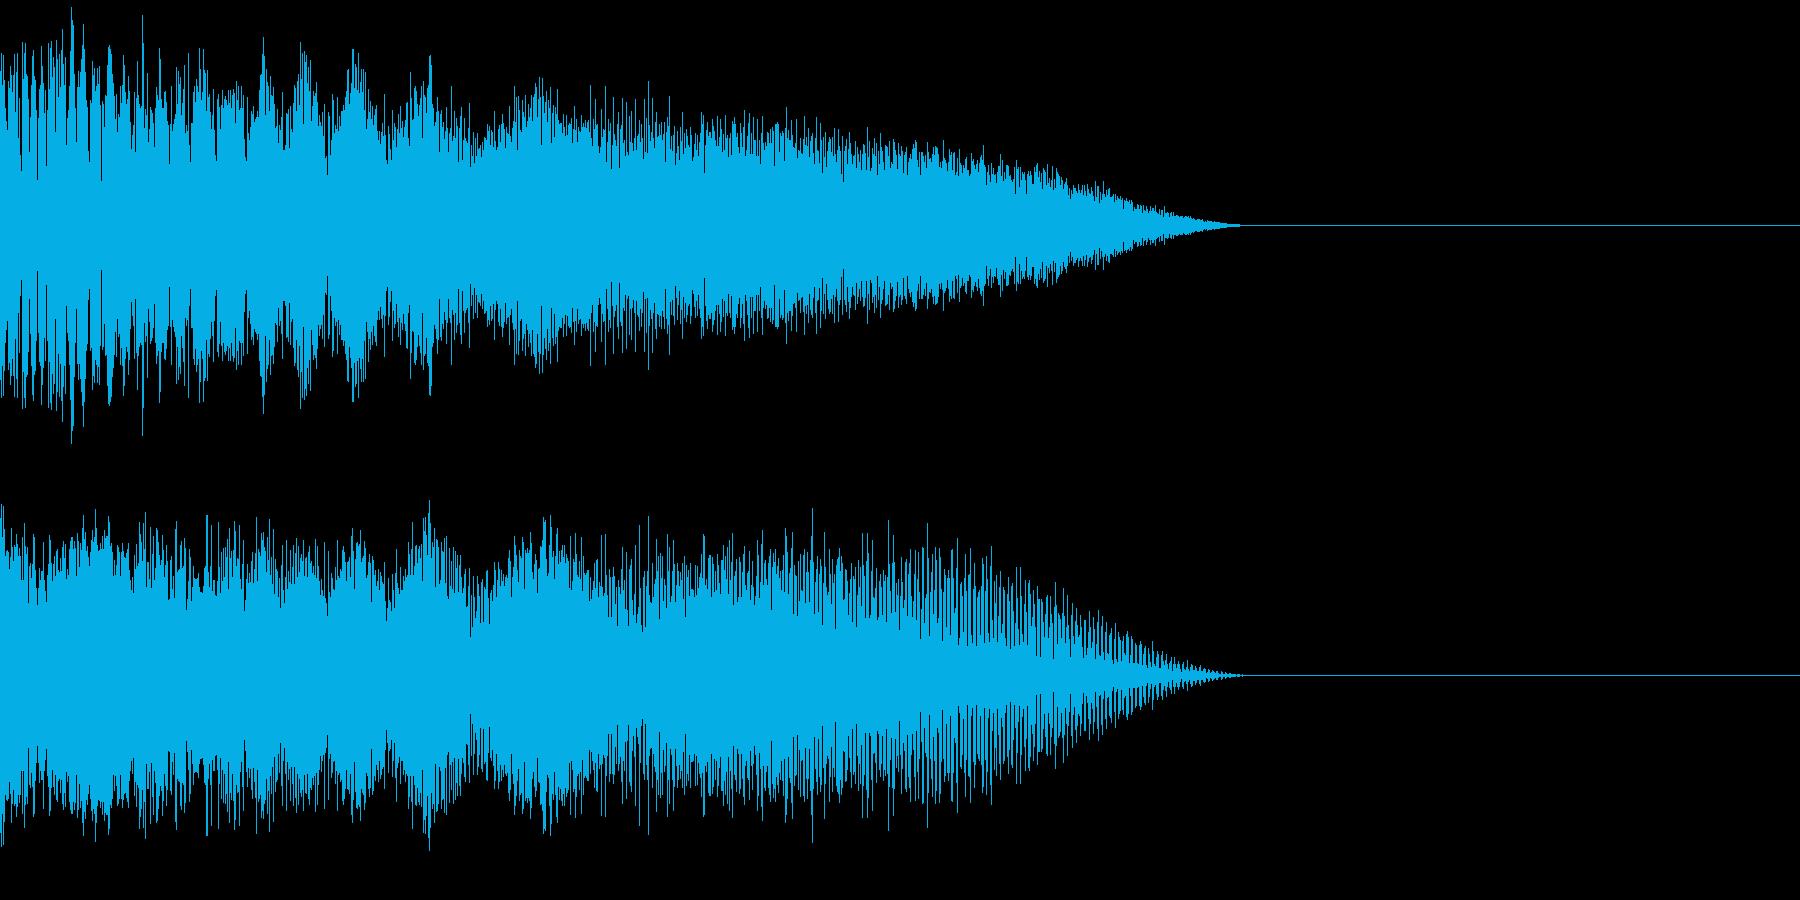 ビーム音02の再生済みの波形